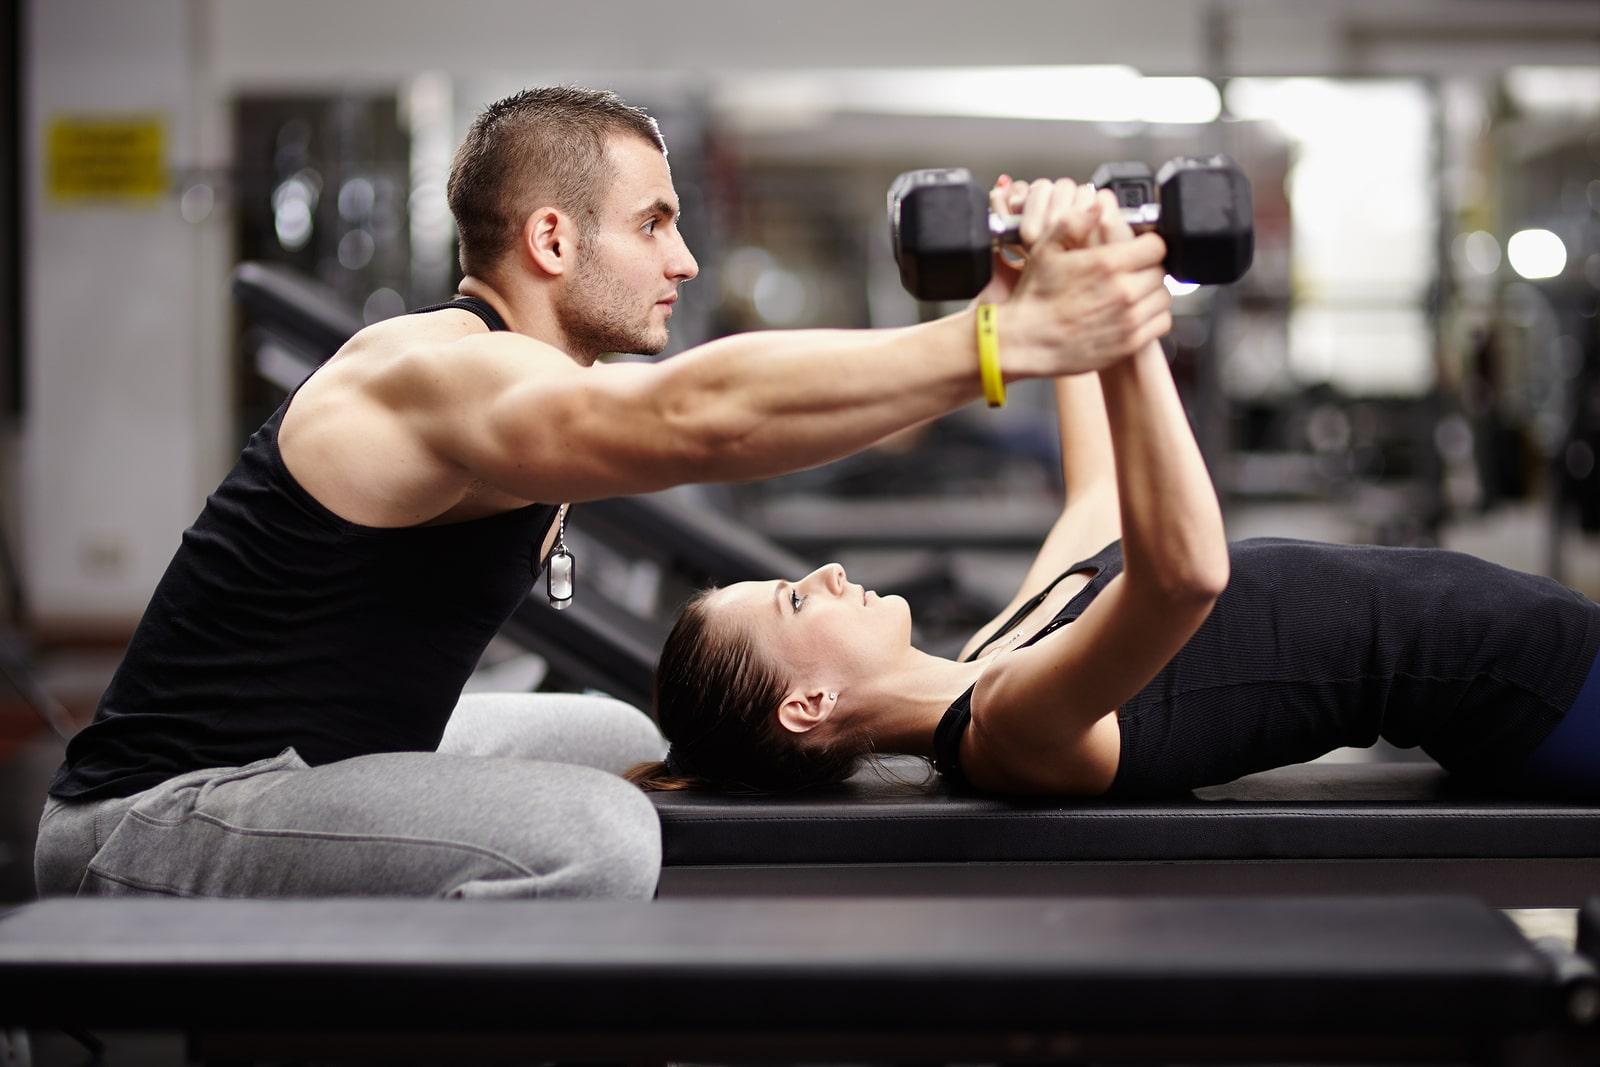 Sala pesi, allenamento al femminile, programmi per ragazze, via la cellulite, rassodare glutei, forma perfetta.